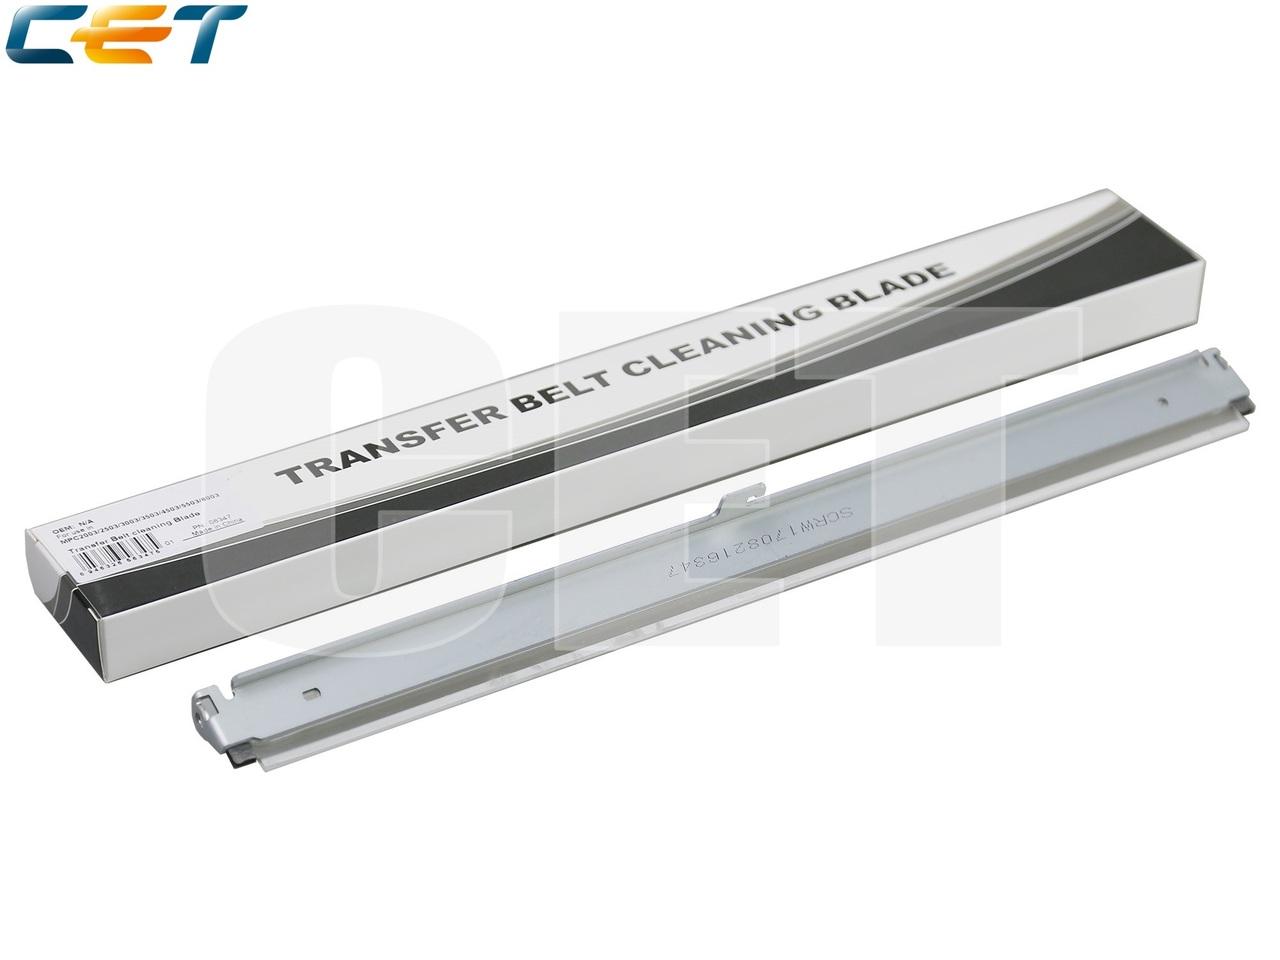 Лезвие очистки ленты переноса для RICOHMPC2003/2503/4503/5503/6003 (CET), CET6347